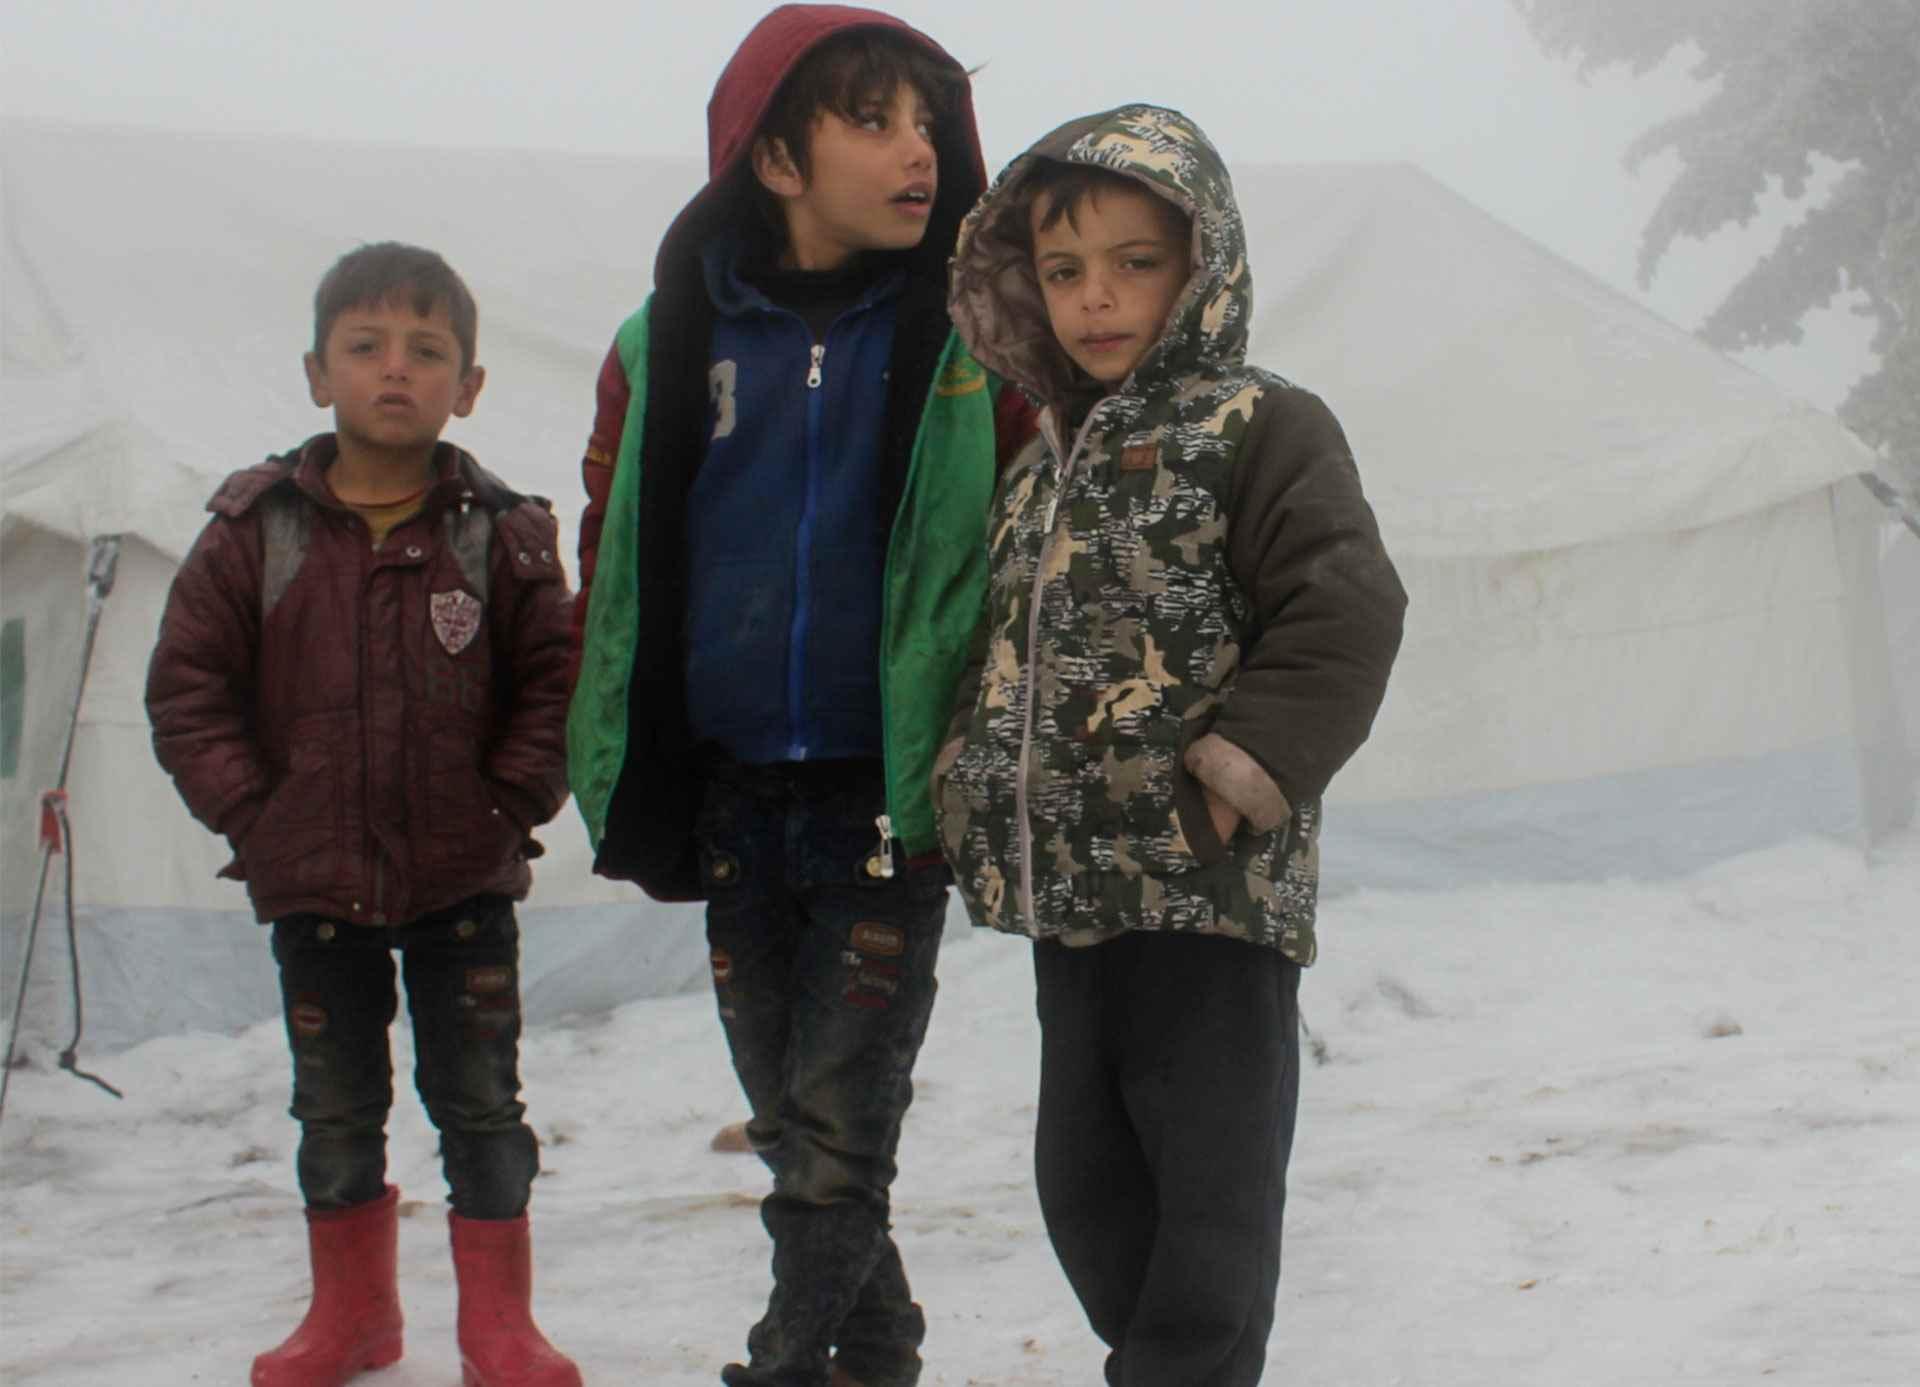 أطفال يقفون معًا في مخيم غير رسمية في سوريا، بالقرب من الحدود التركية. ويضم المخيم حوالي 500 عائلة نازحة من شرق الغوطة وريف إدلب ومحافظات ريف حلب الغربية.  ودفع تصاعد الأعمال العدائية، إلى جانب ظروف الشتاء القاسية وانخفاض درجات الحرارة، علاوة على الوضع الإنساني المتدهور بالفعل، آلاف الأطفال والأسر إلى حافة الهاوية- شباط 2020 (يونيسيف)